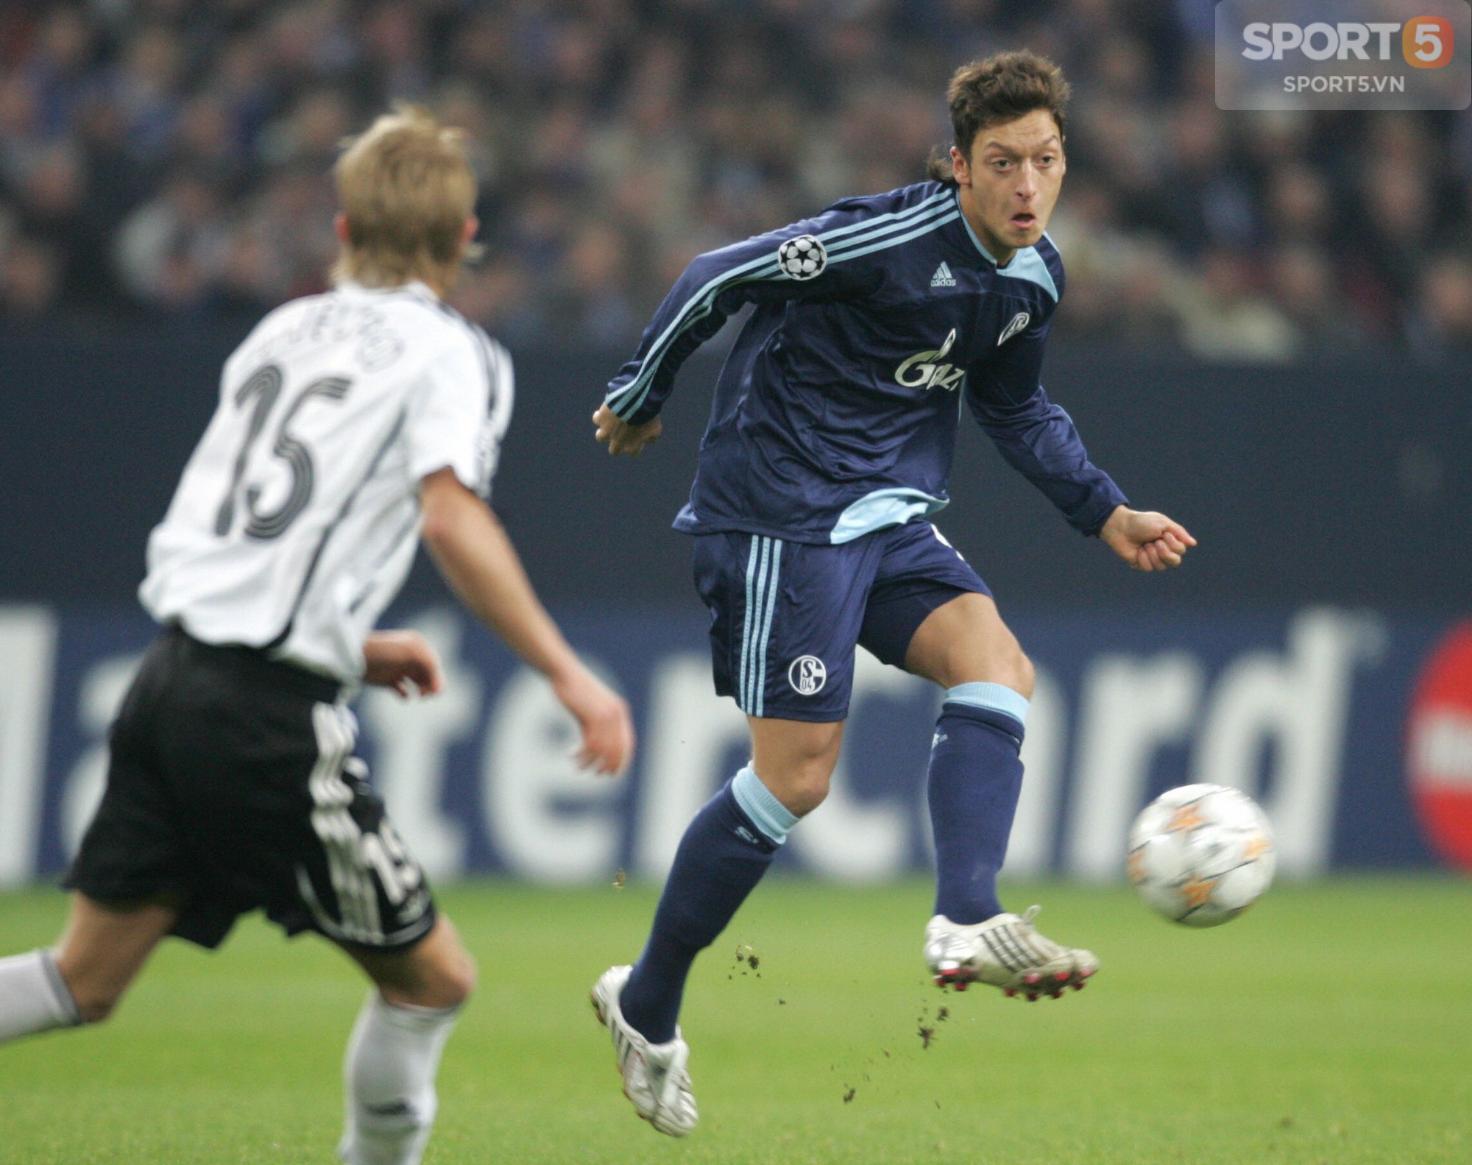 Tự truyện Mesut Oezil (chương 5): Ivan Rakitic và mưu hèn kế bẩn của ban lãnh đạo Schalke 04 - Ảnh 3.